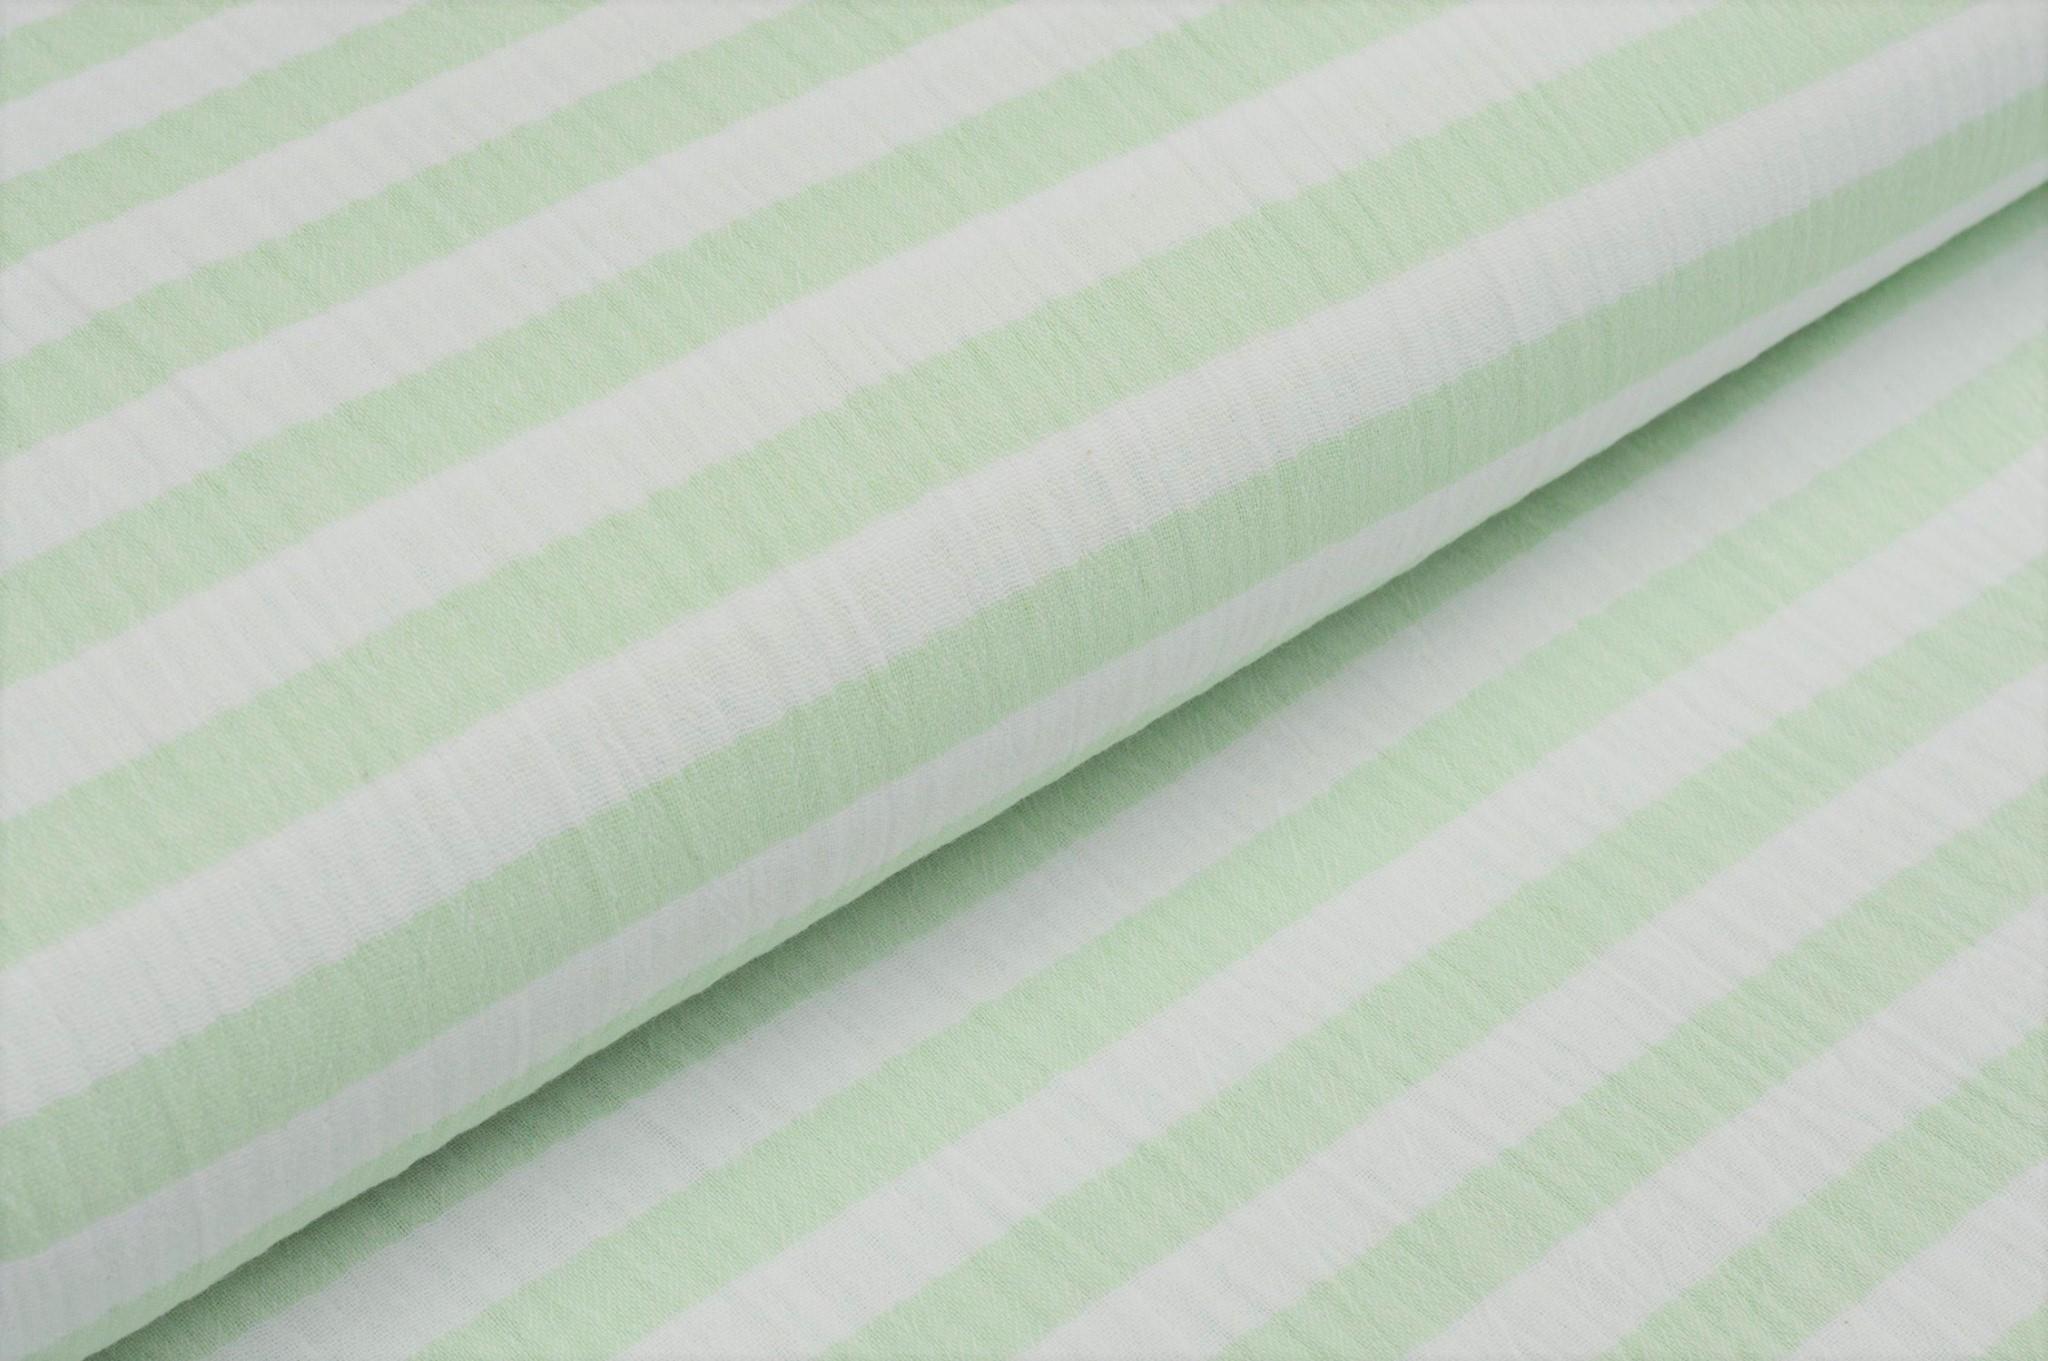 Baumwolle Musselin Double Gauze mit Streifen - ecru/hellgrün